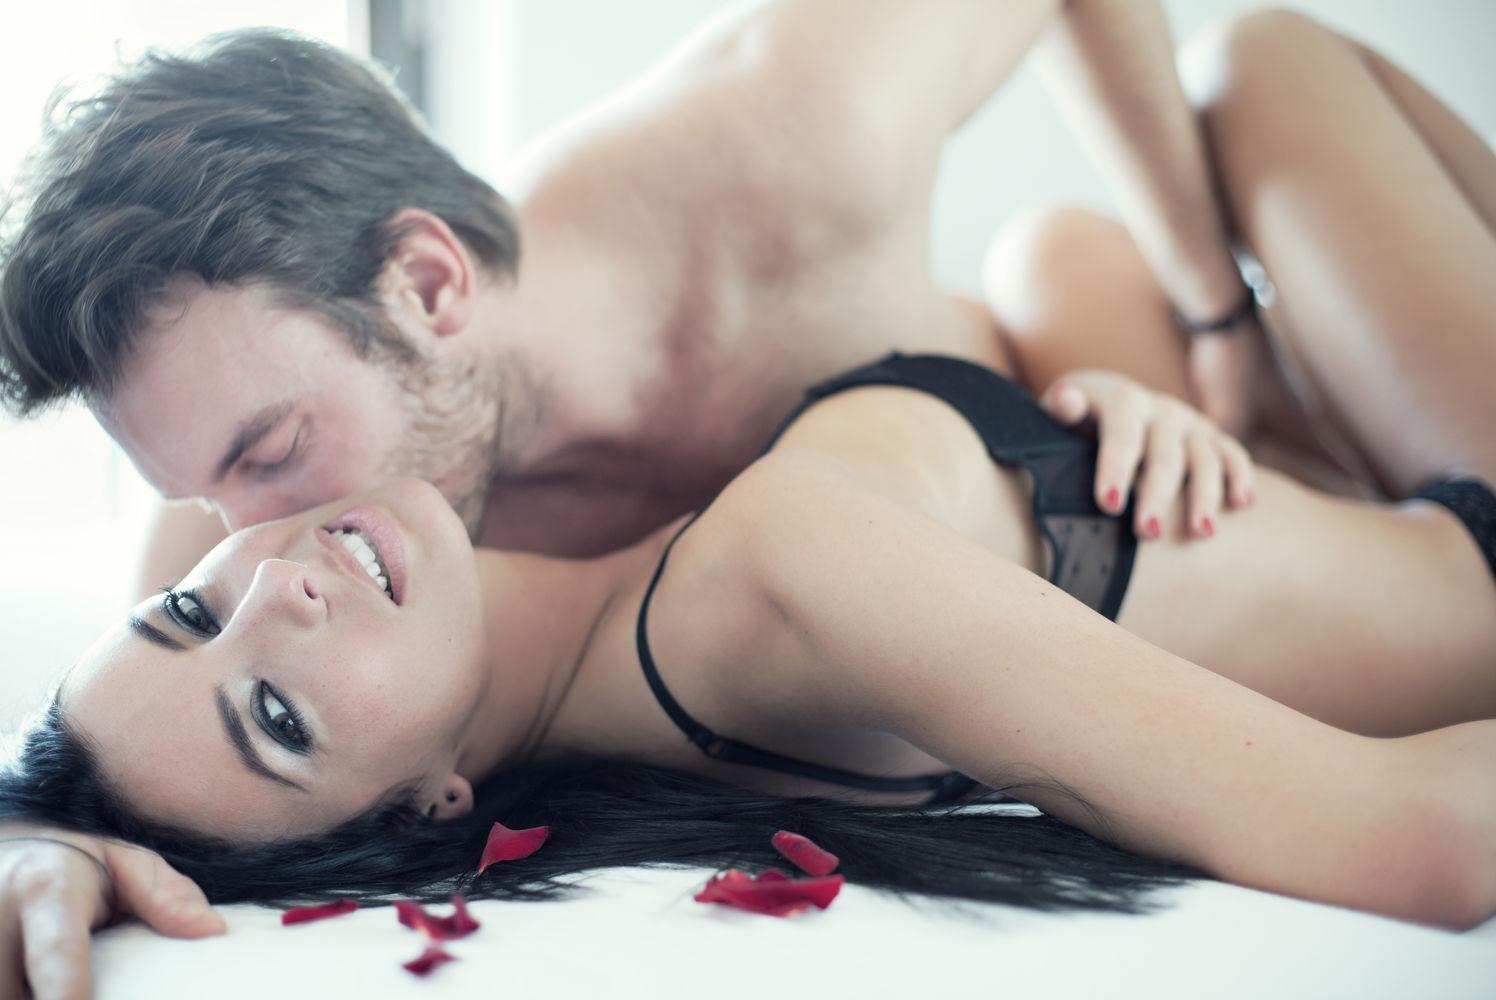 सेक्स करने के लाभ